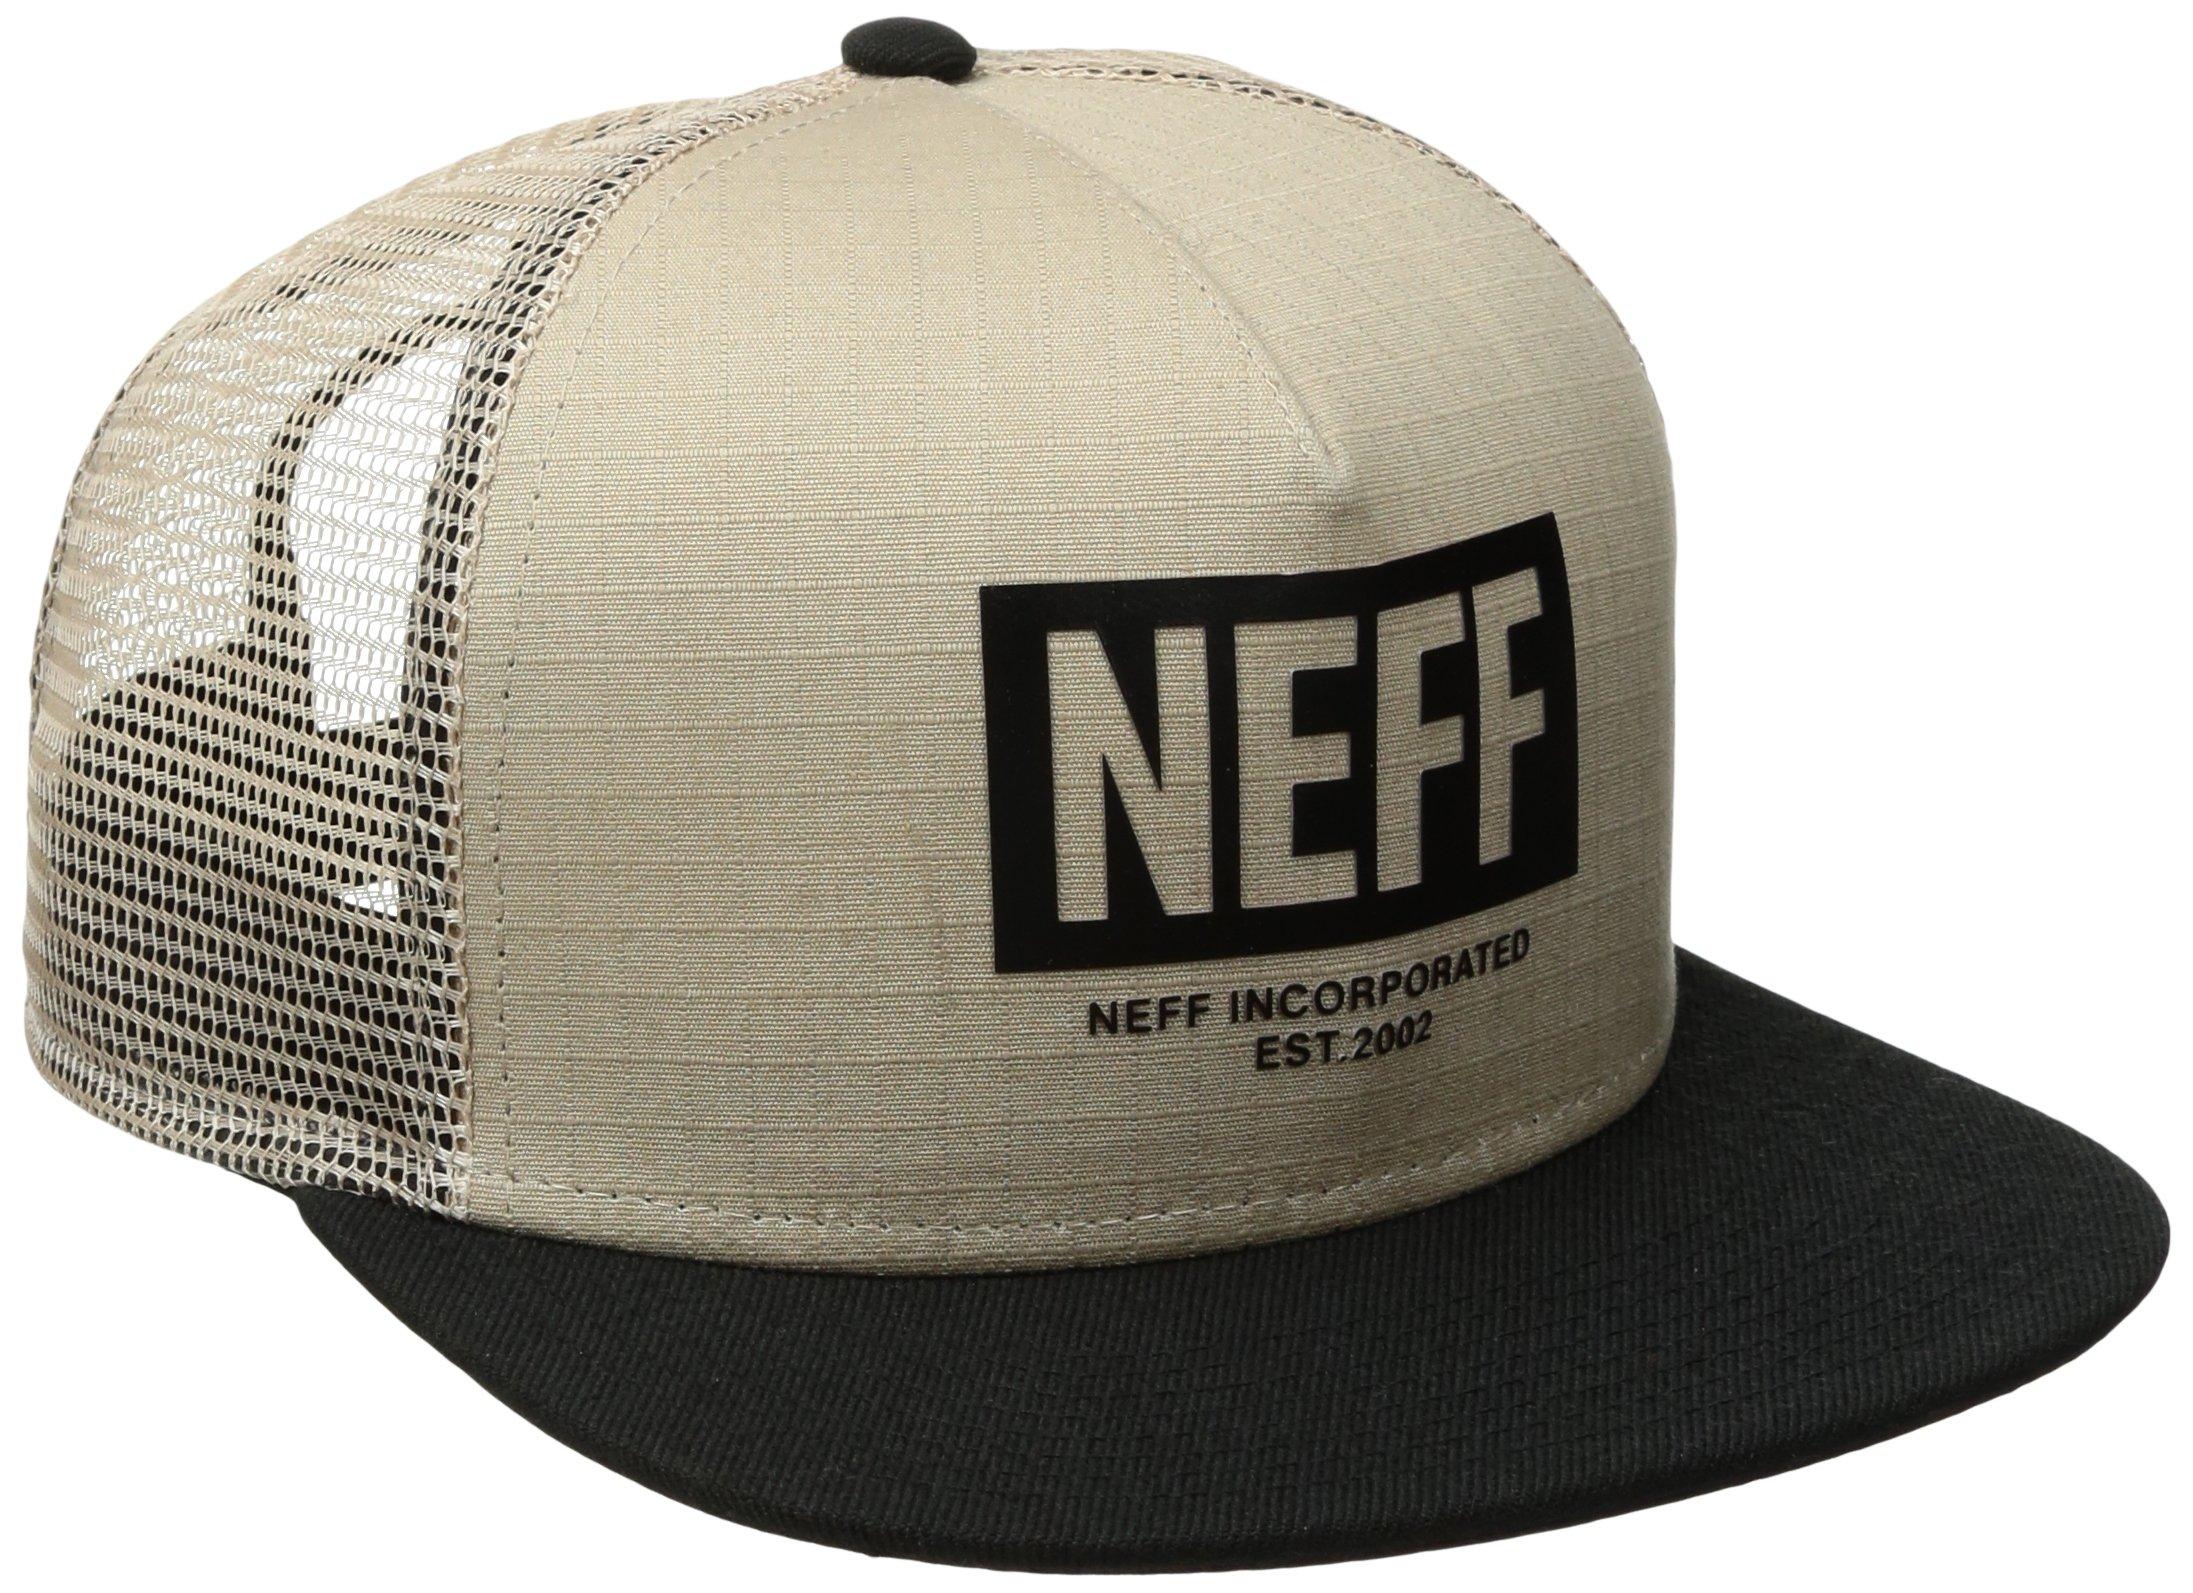 NEFF Men's Phalieber Trucker Hat, Stone/Black, One Size